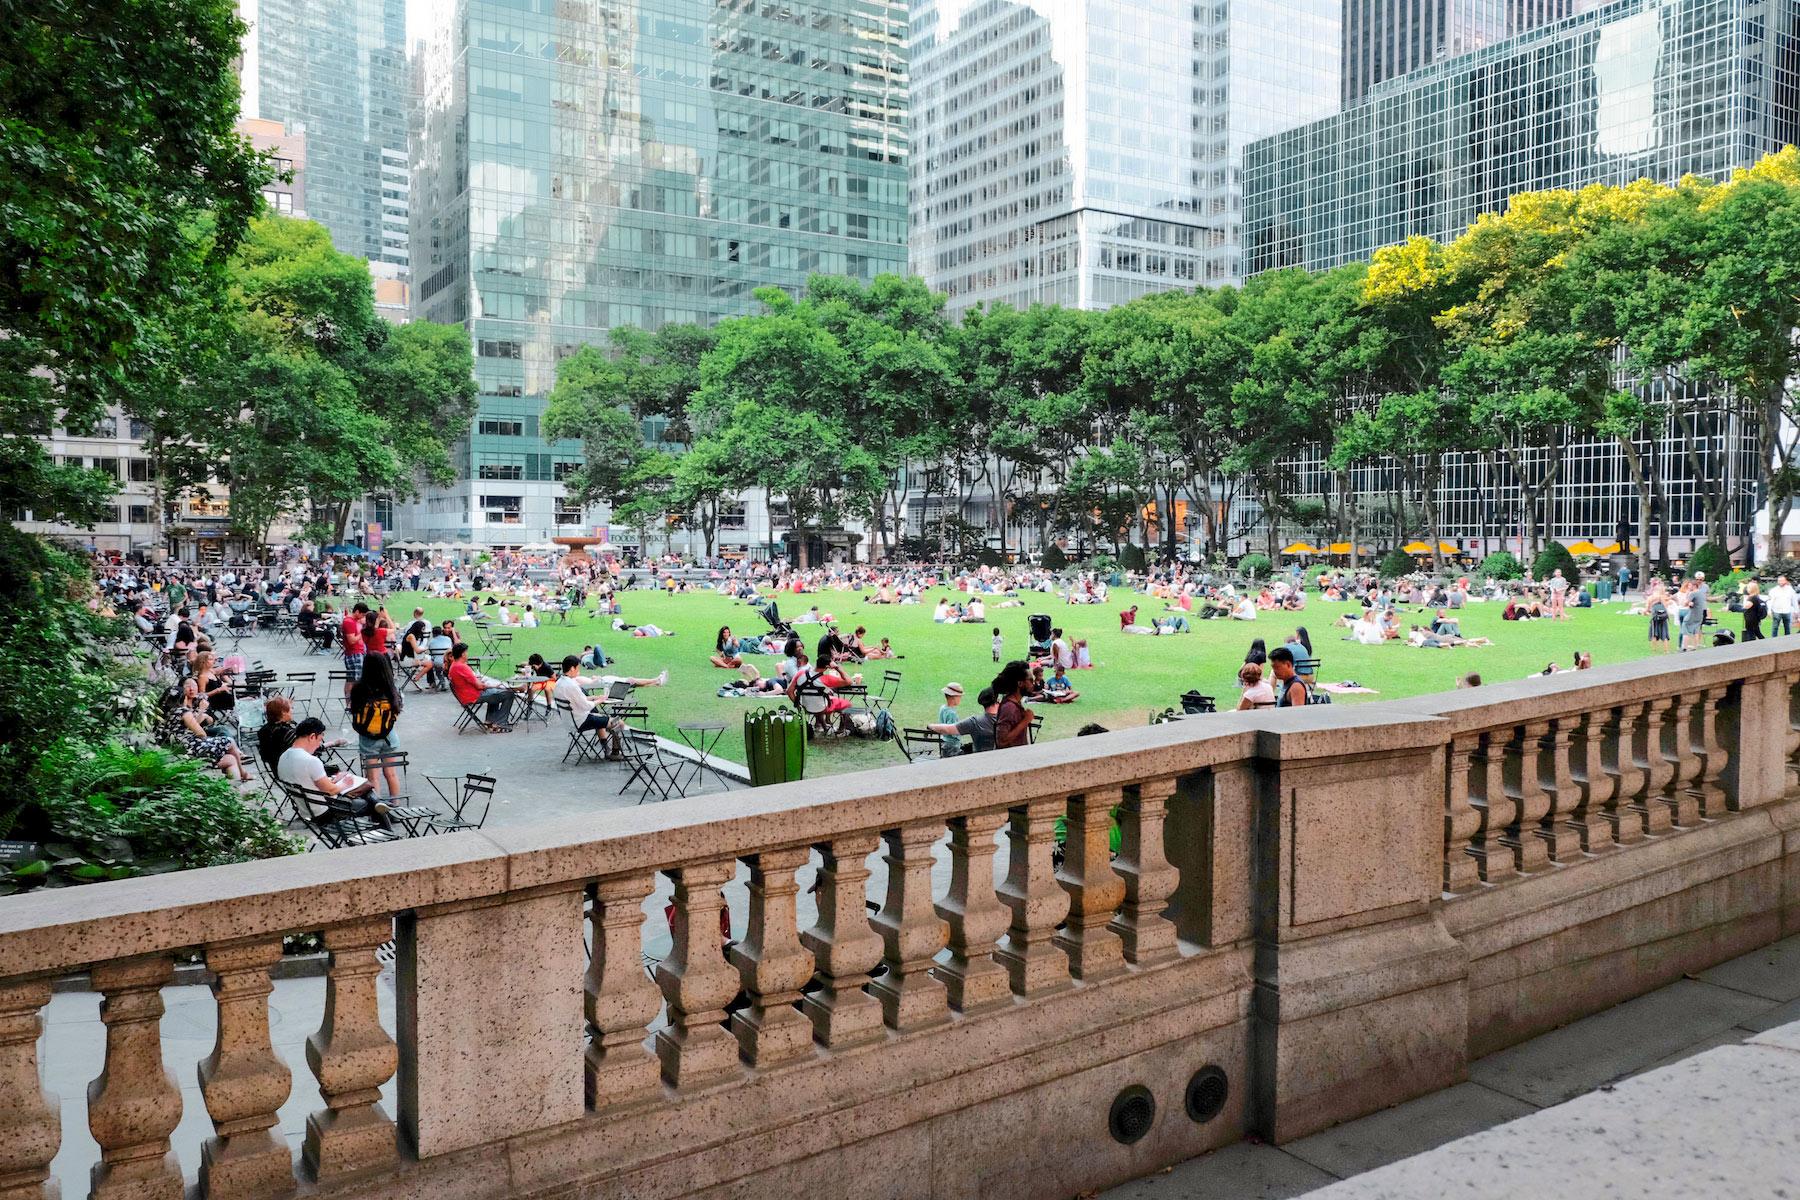 times square park - 3 Times Square